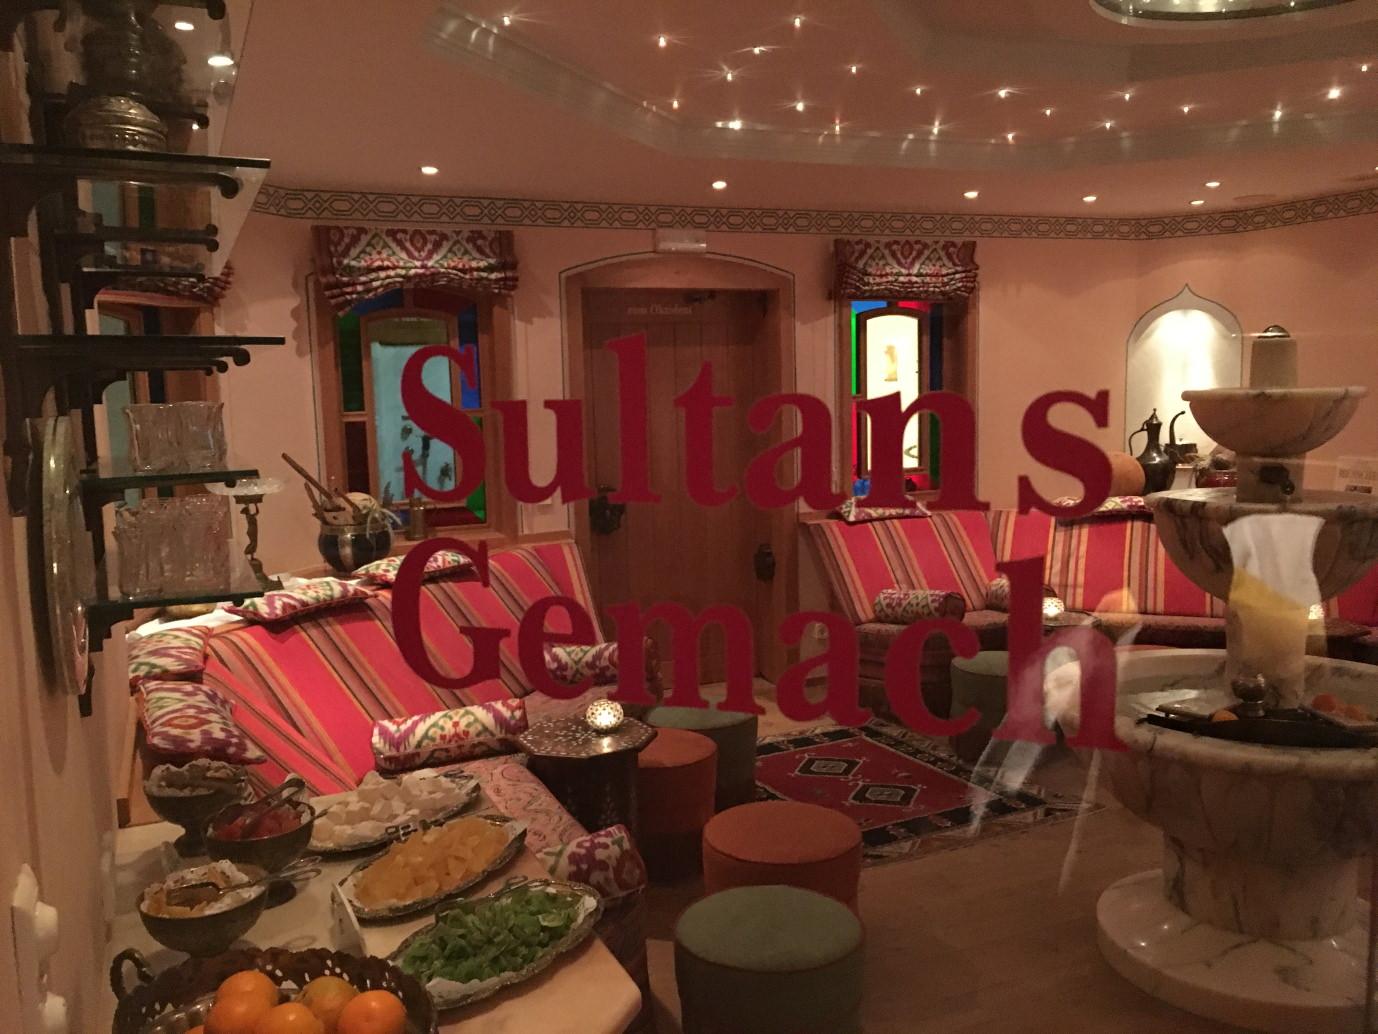 Hamam in Sultans Reich